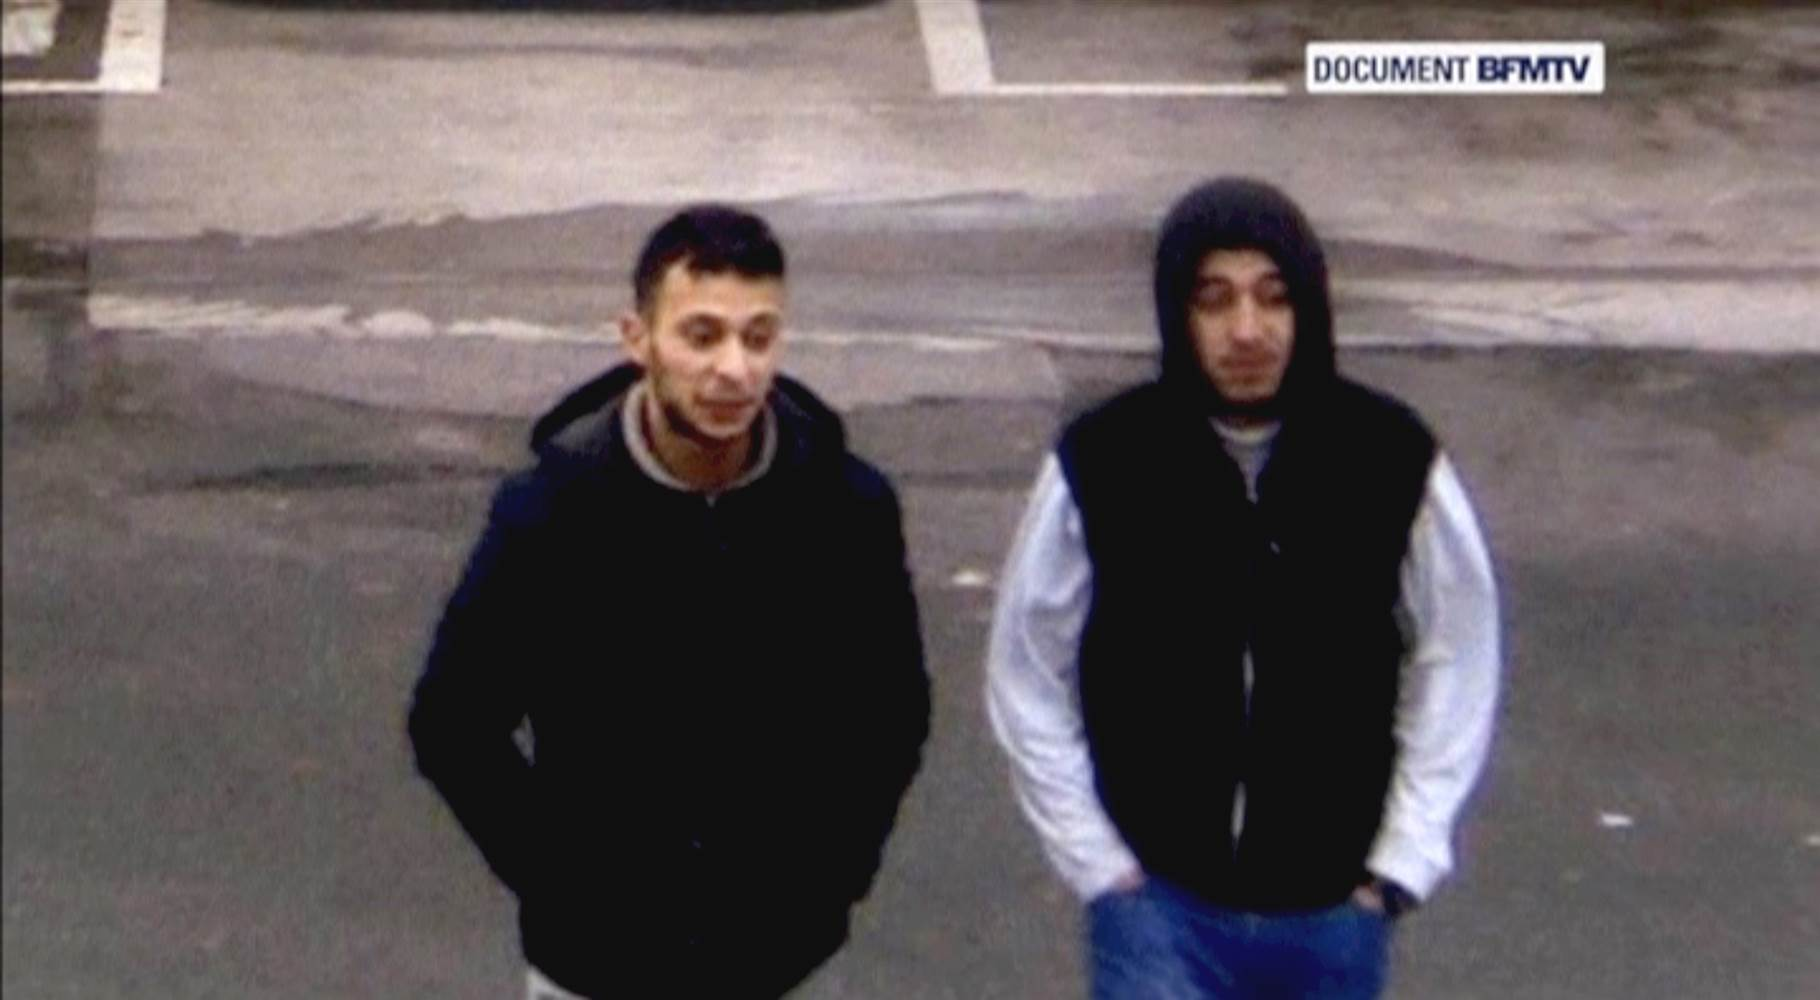 ВИДЕО: Објавени нови снимки од Салах Абдеслам, напаѓачот од Париз